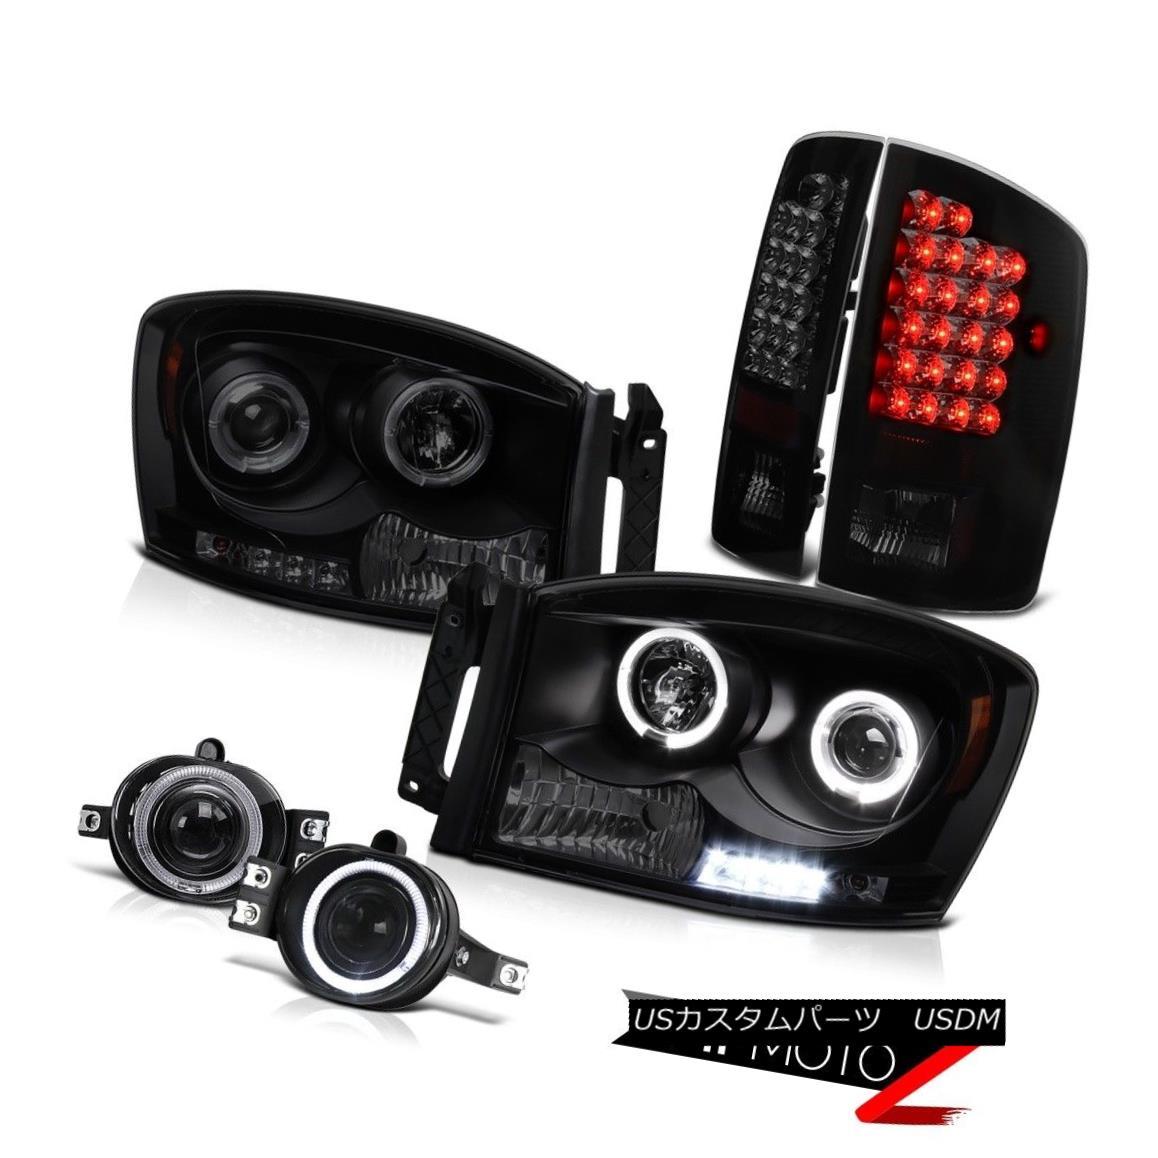 テールライト 2X Halo Projector Headlight Rear Brake Tail Light DRL LED Fog Ram 2500 WS 07 08 2XハロープロジェクターヘッドライトリアブレーキテールライトDRL LEDフォグラン2500 WS 07 08